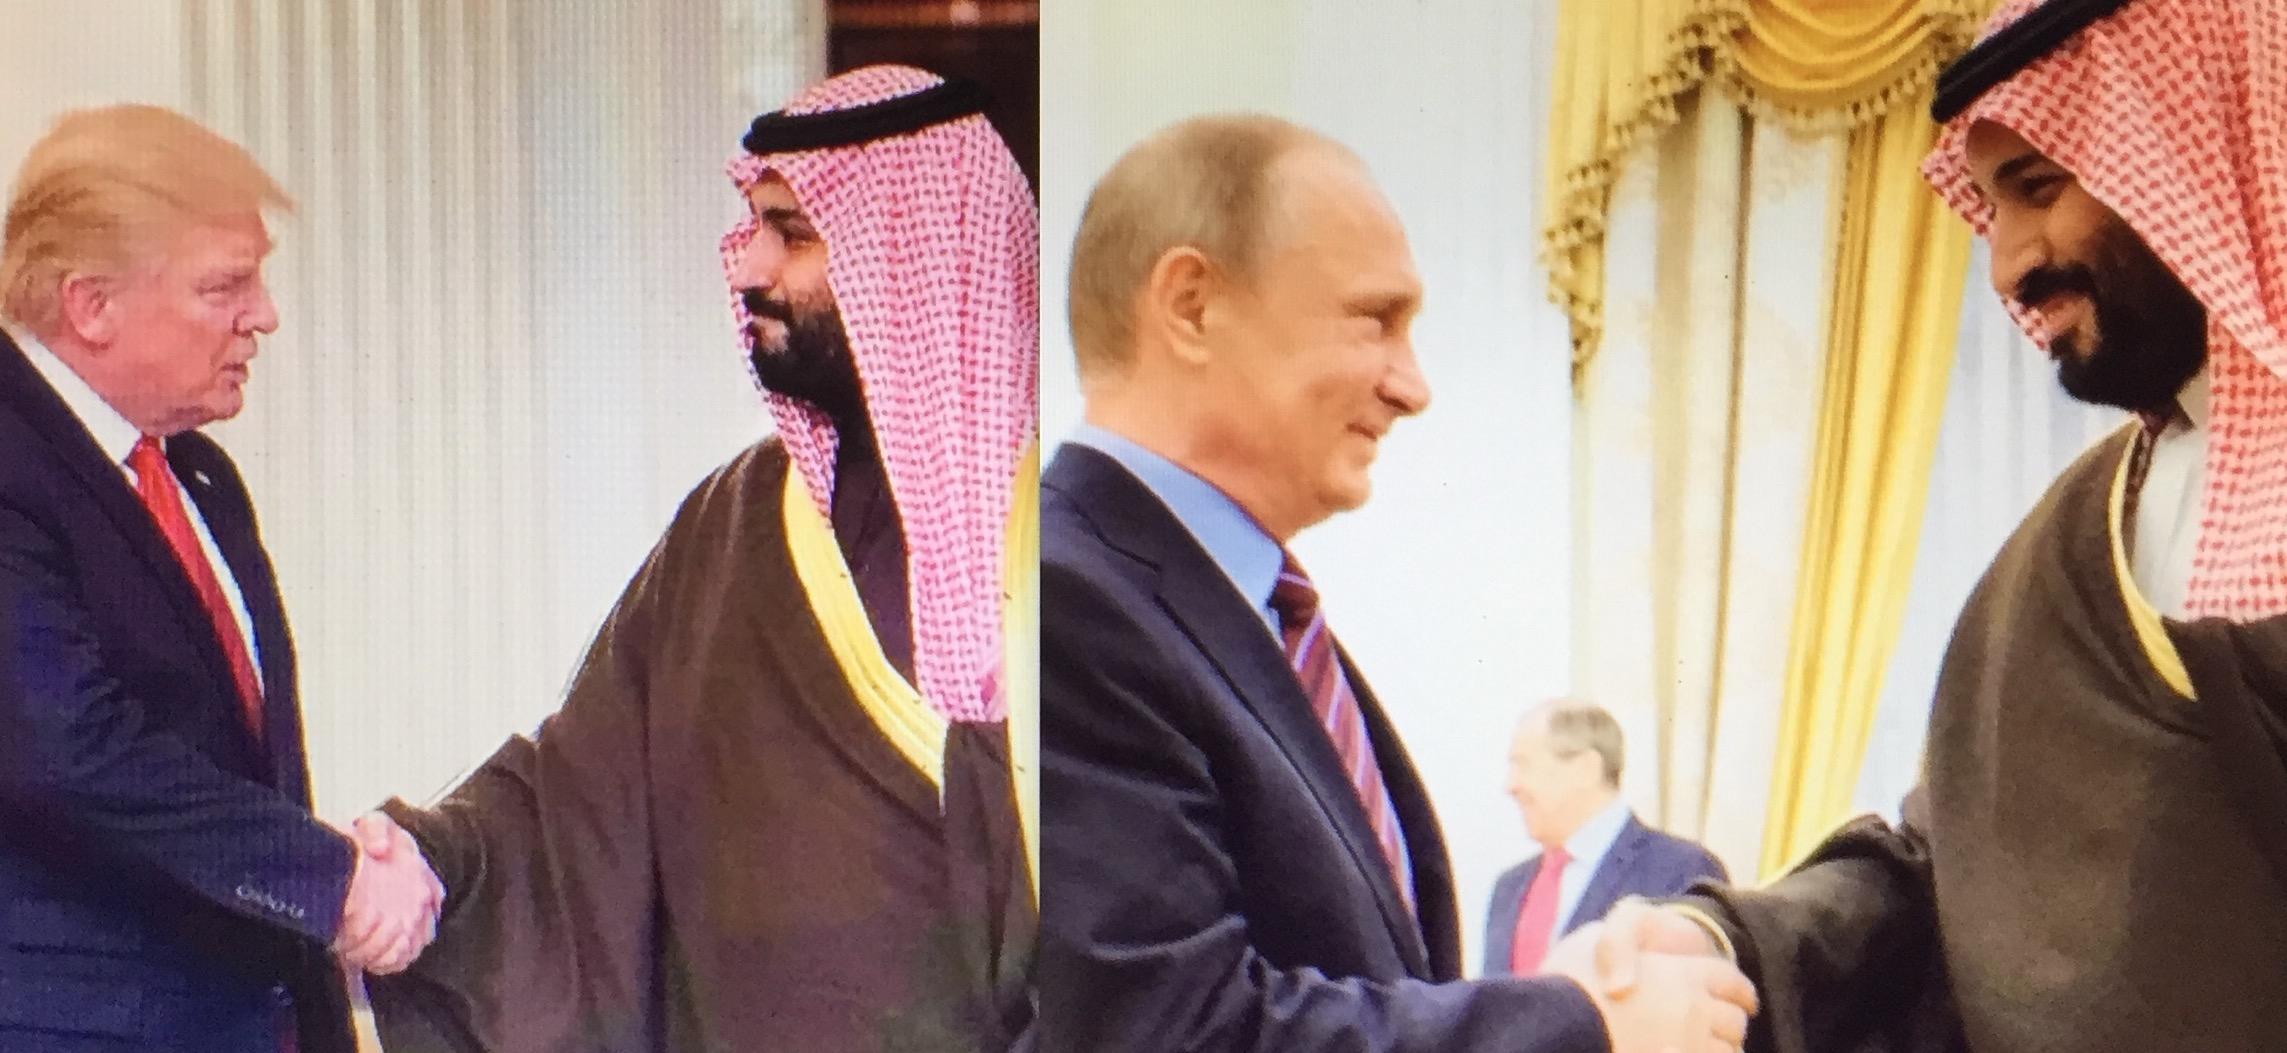 """Der Dealer Donald Trump und der Diplomat Wladimir Putin mit dem gefährlichen saudischen Prinzen Mohammed Bin Salman. Trotz Aggressionen und Sanktionen wird Russland gegenüber Trump und seinem verbündeten saudischen """"Prinzen der Finsternis"""" ausgleichende Vernunft walten lassen."""